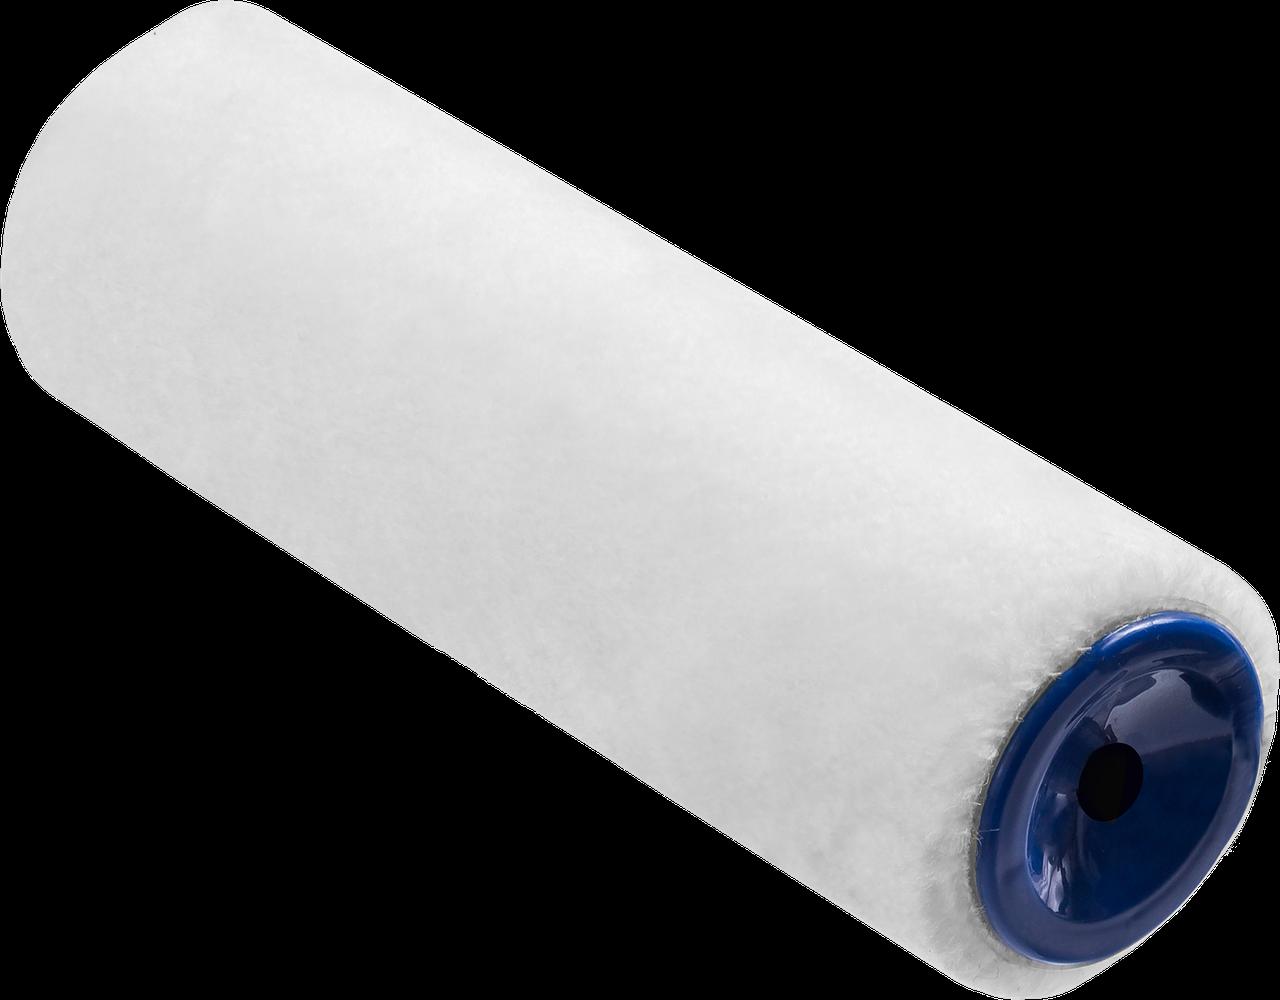 Ролик сменный ВЕЛЮР 48, 180 мм, d=48 мм, ворс 4 мм, ручка d=8 мм, ЗУБР